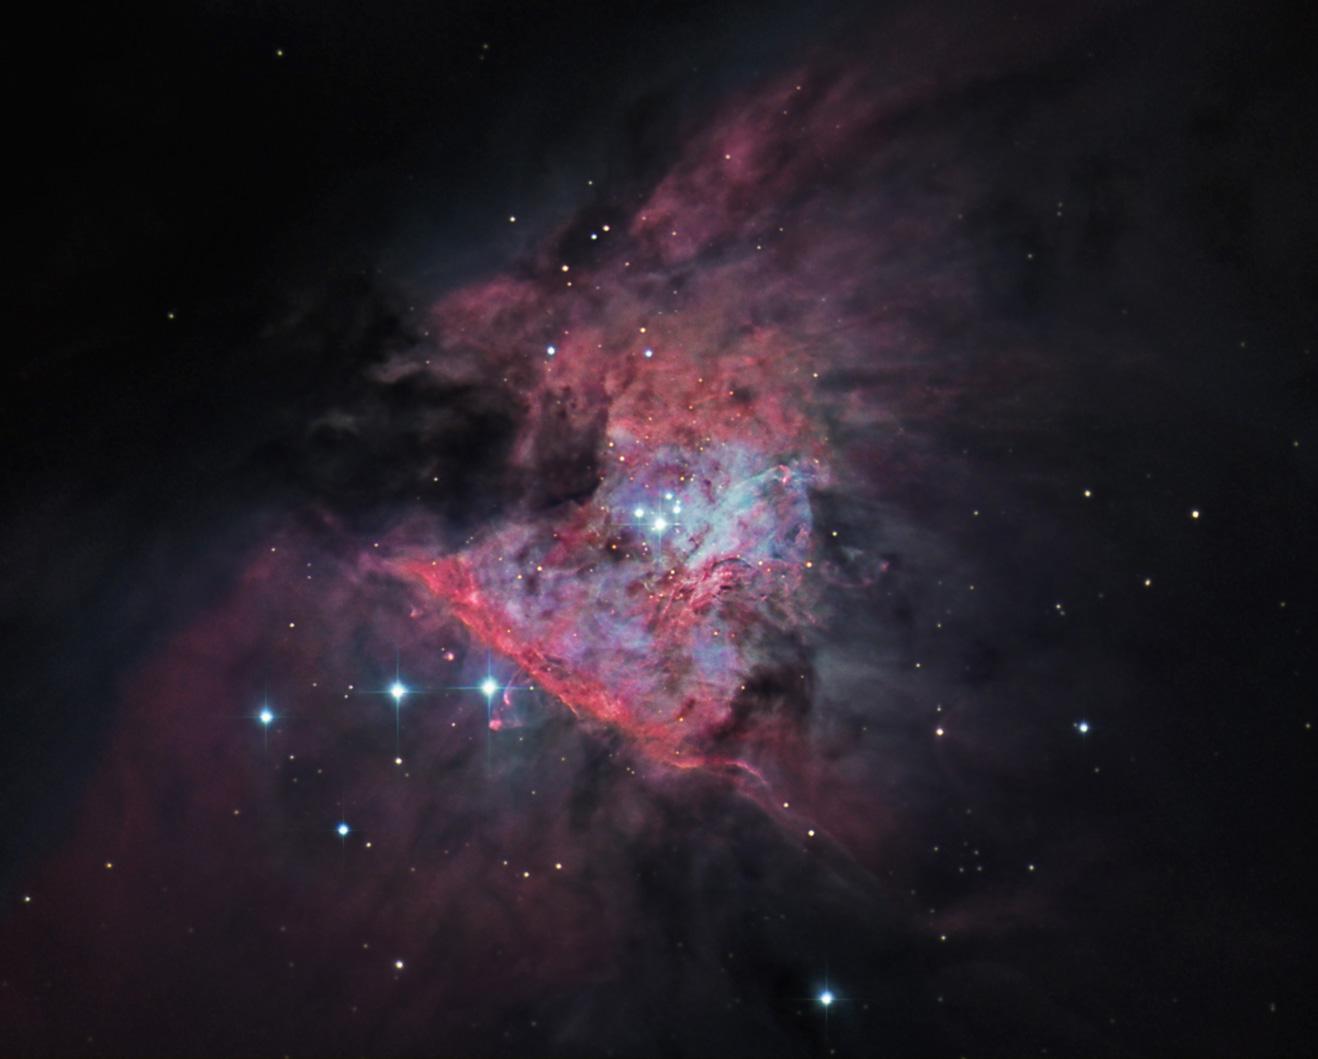 M42 - Schdaler